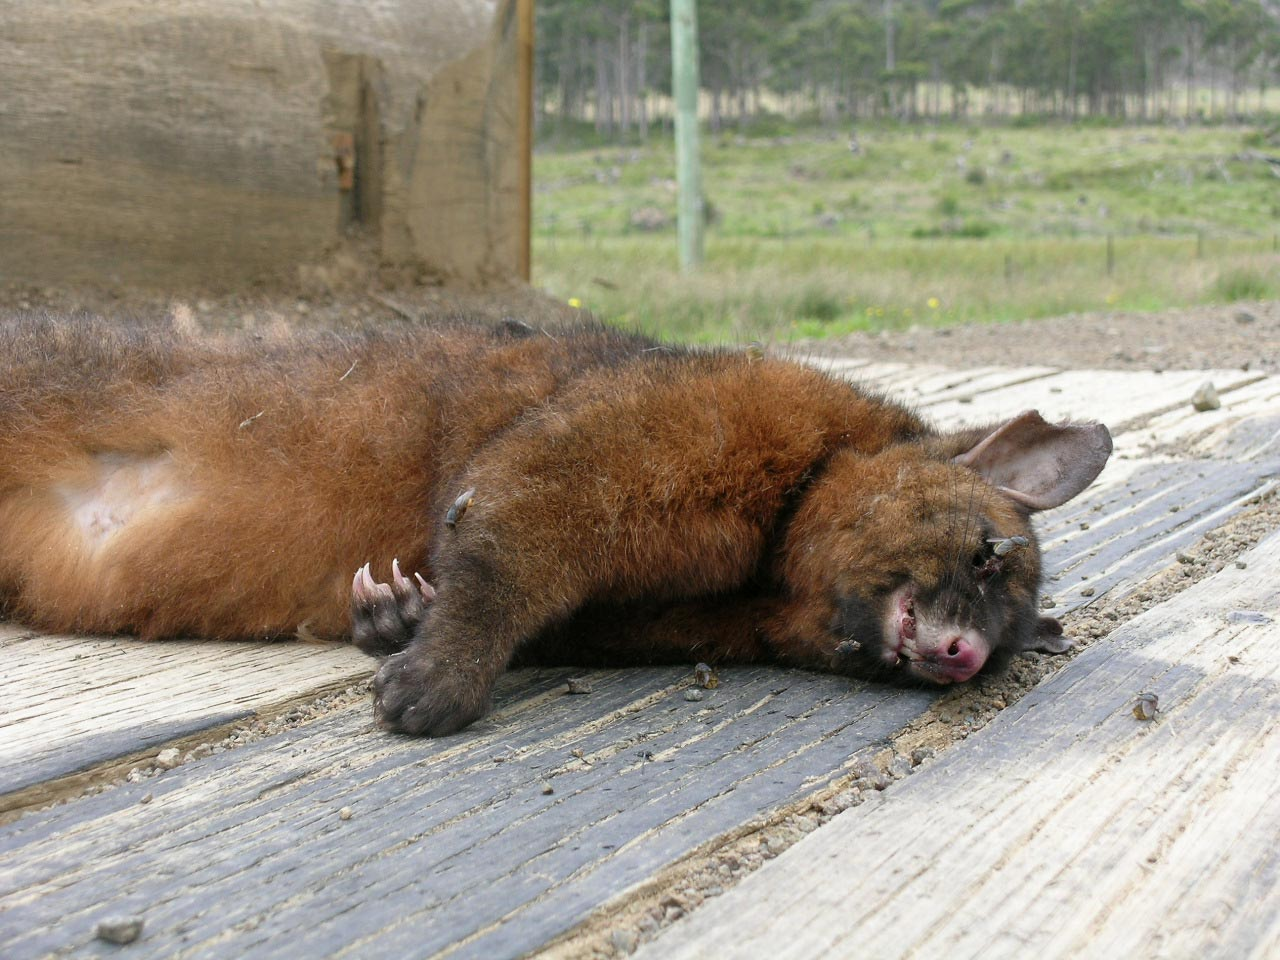 Possum 2 - Tassmanien